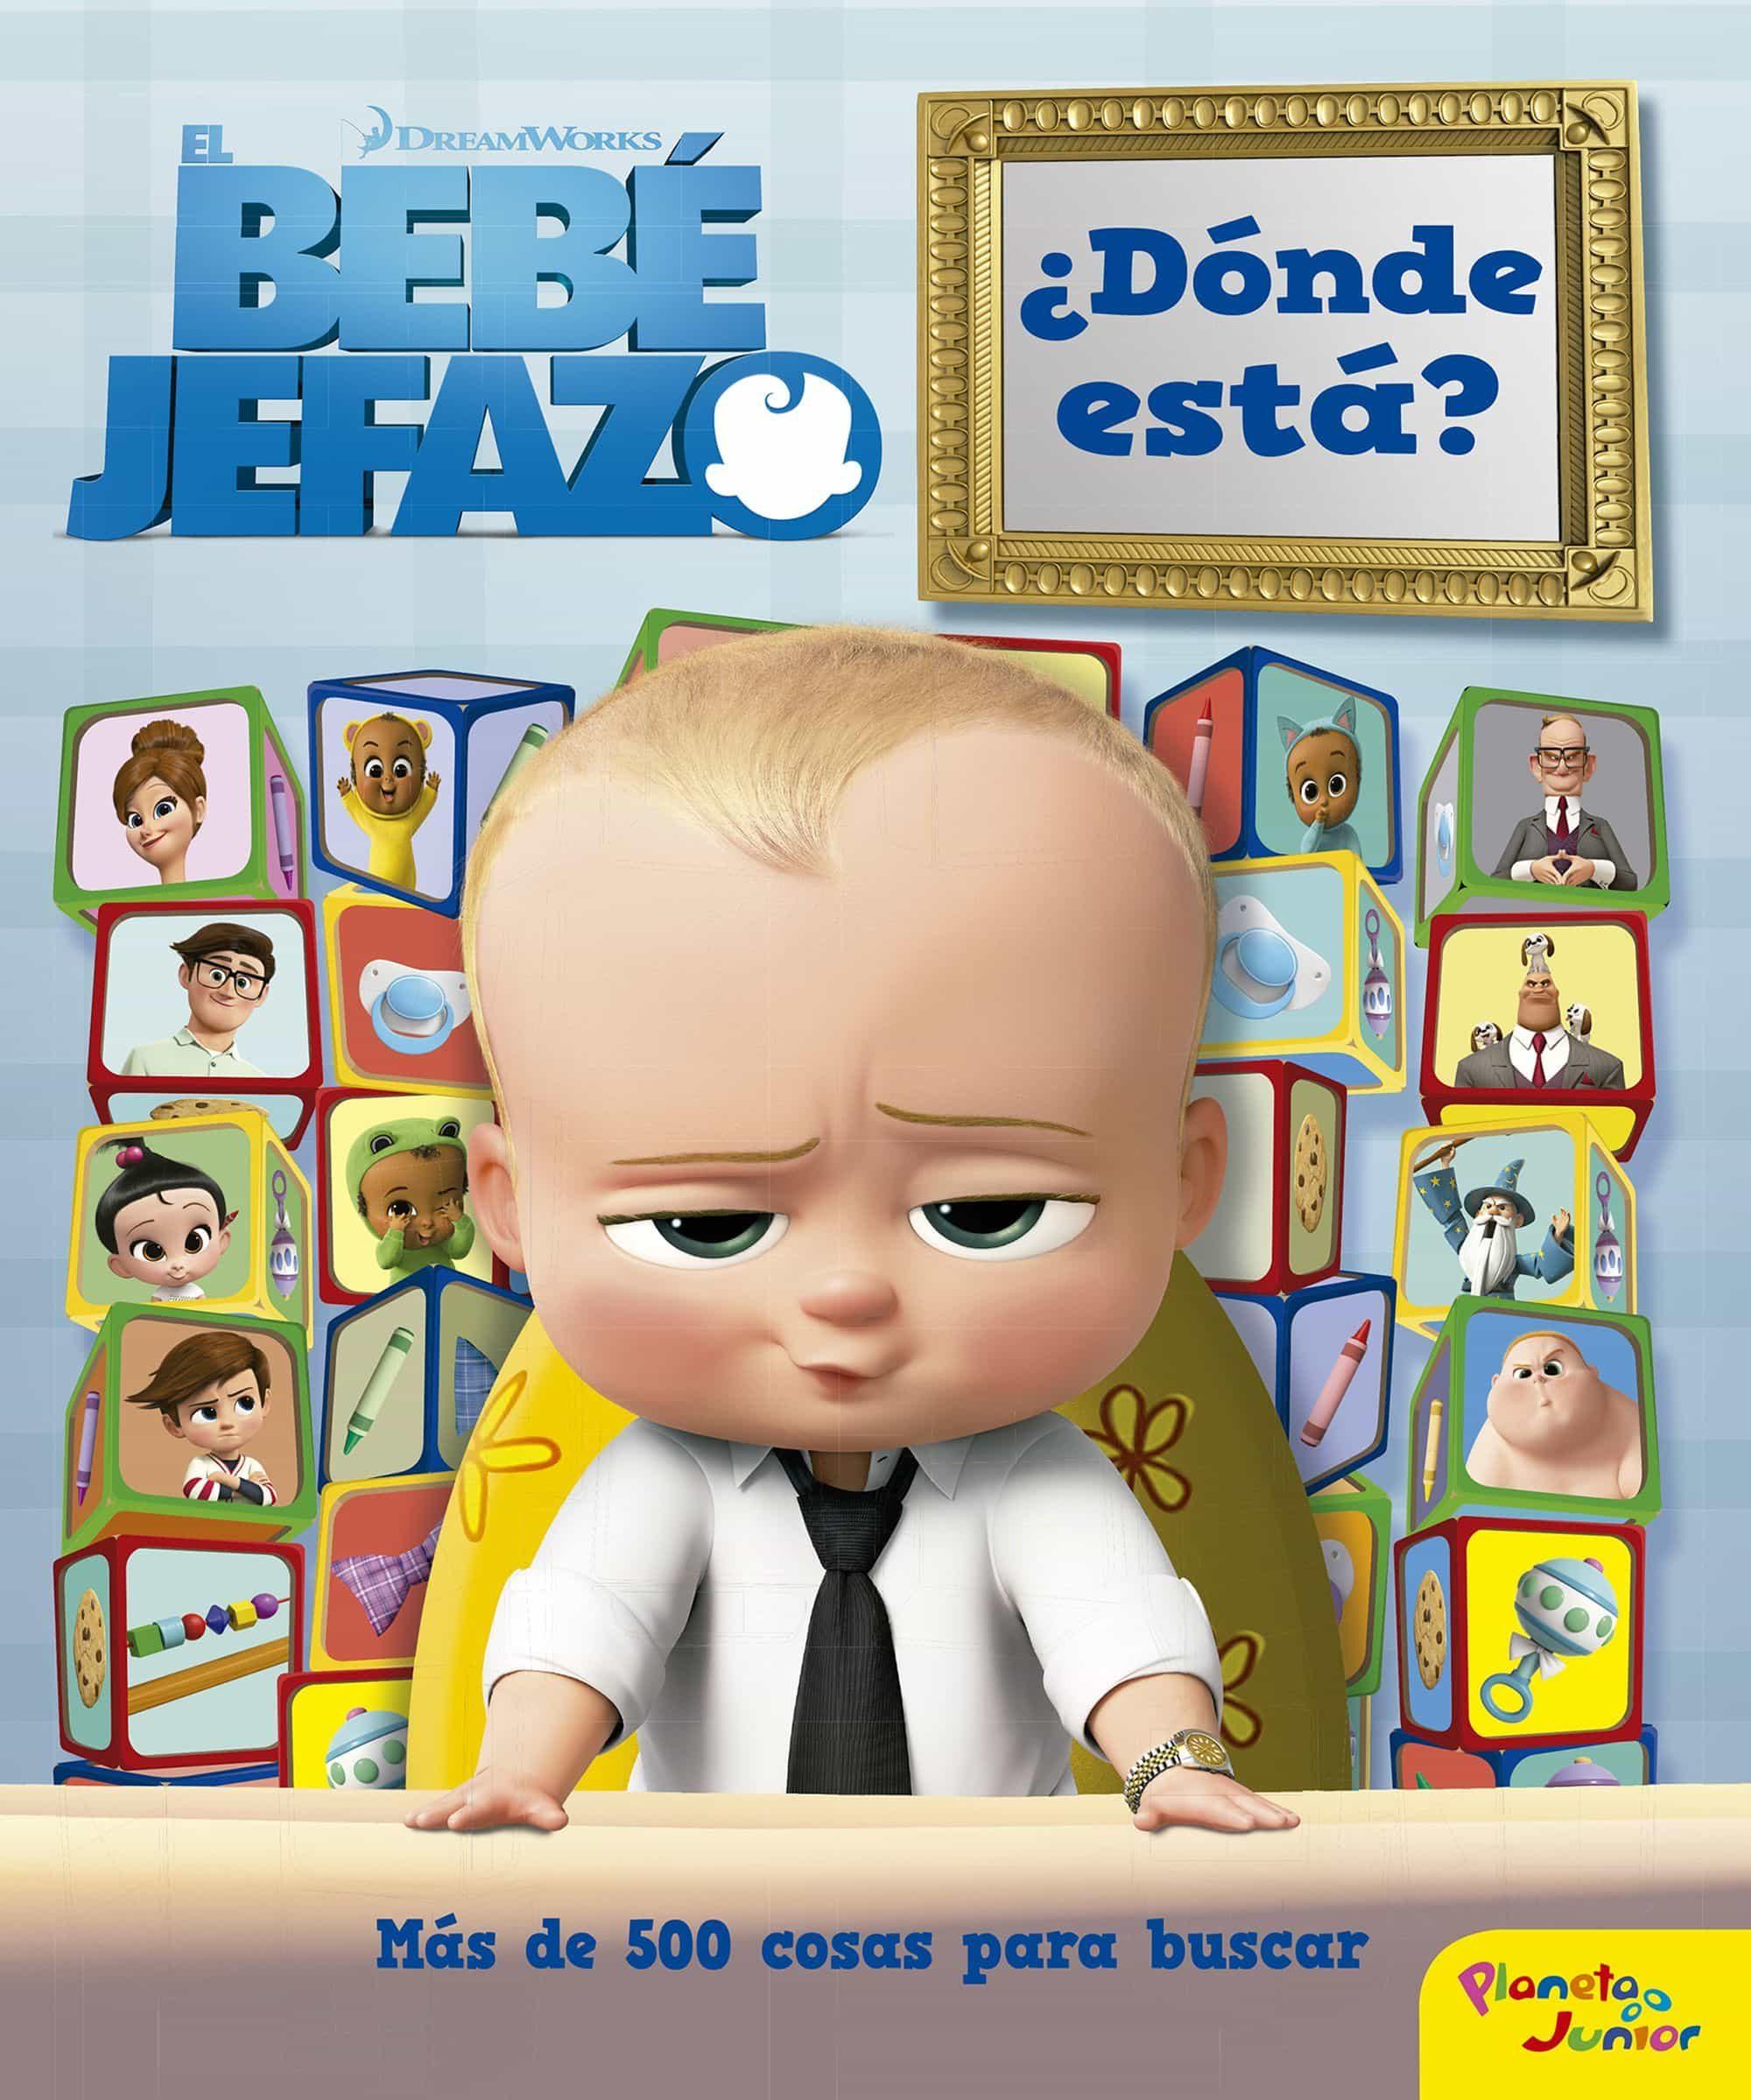 El Bebe Jefazo: ¿donde Esta? - Vv.aa.